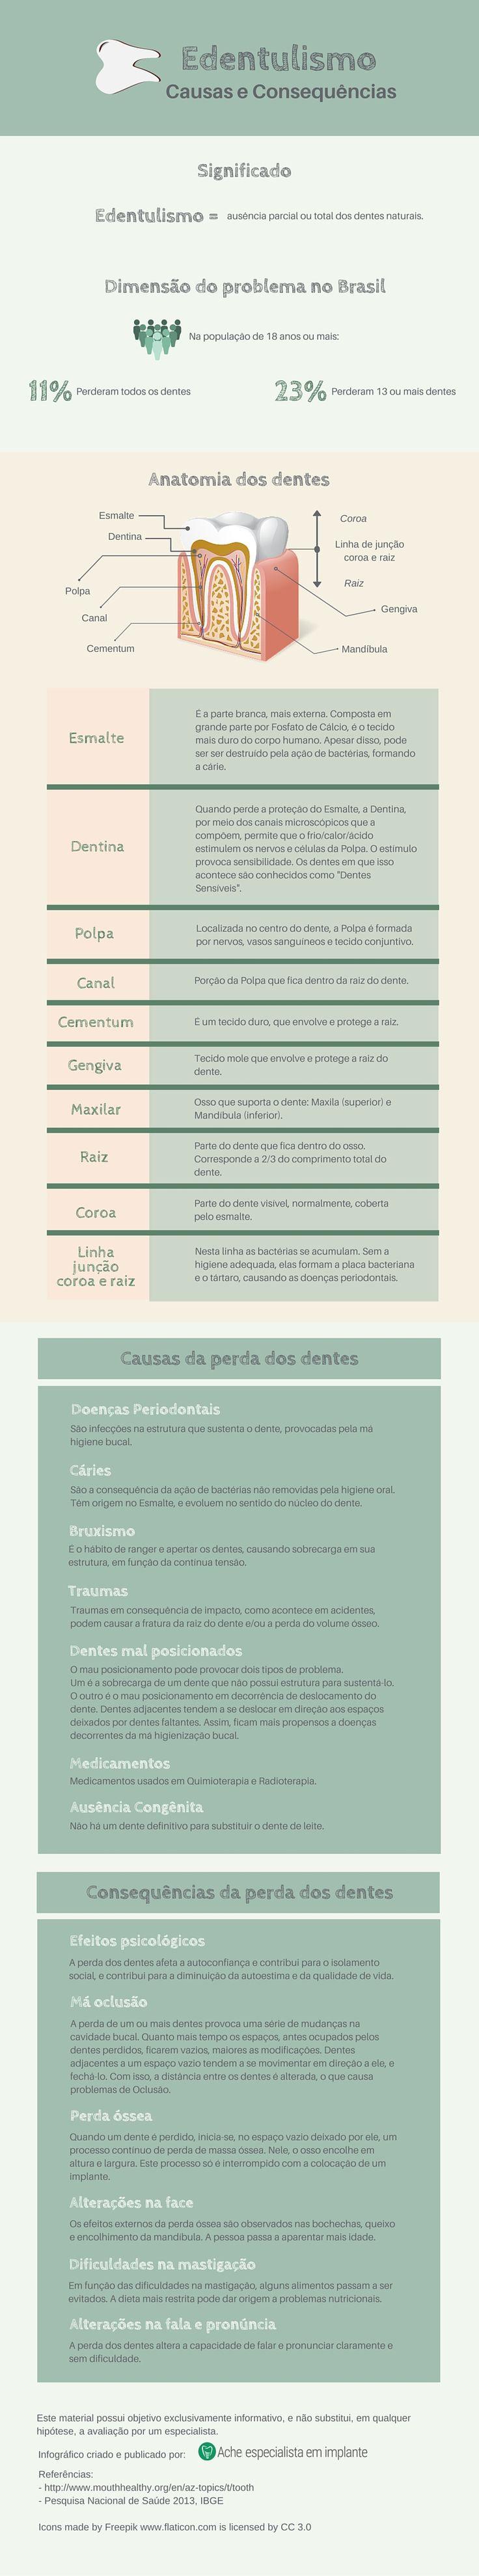 O edentulismo na população brasileira http://acheespecialistaemimplante.com.br/tudo-sobre-implante-dentario/edentulismo/